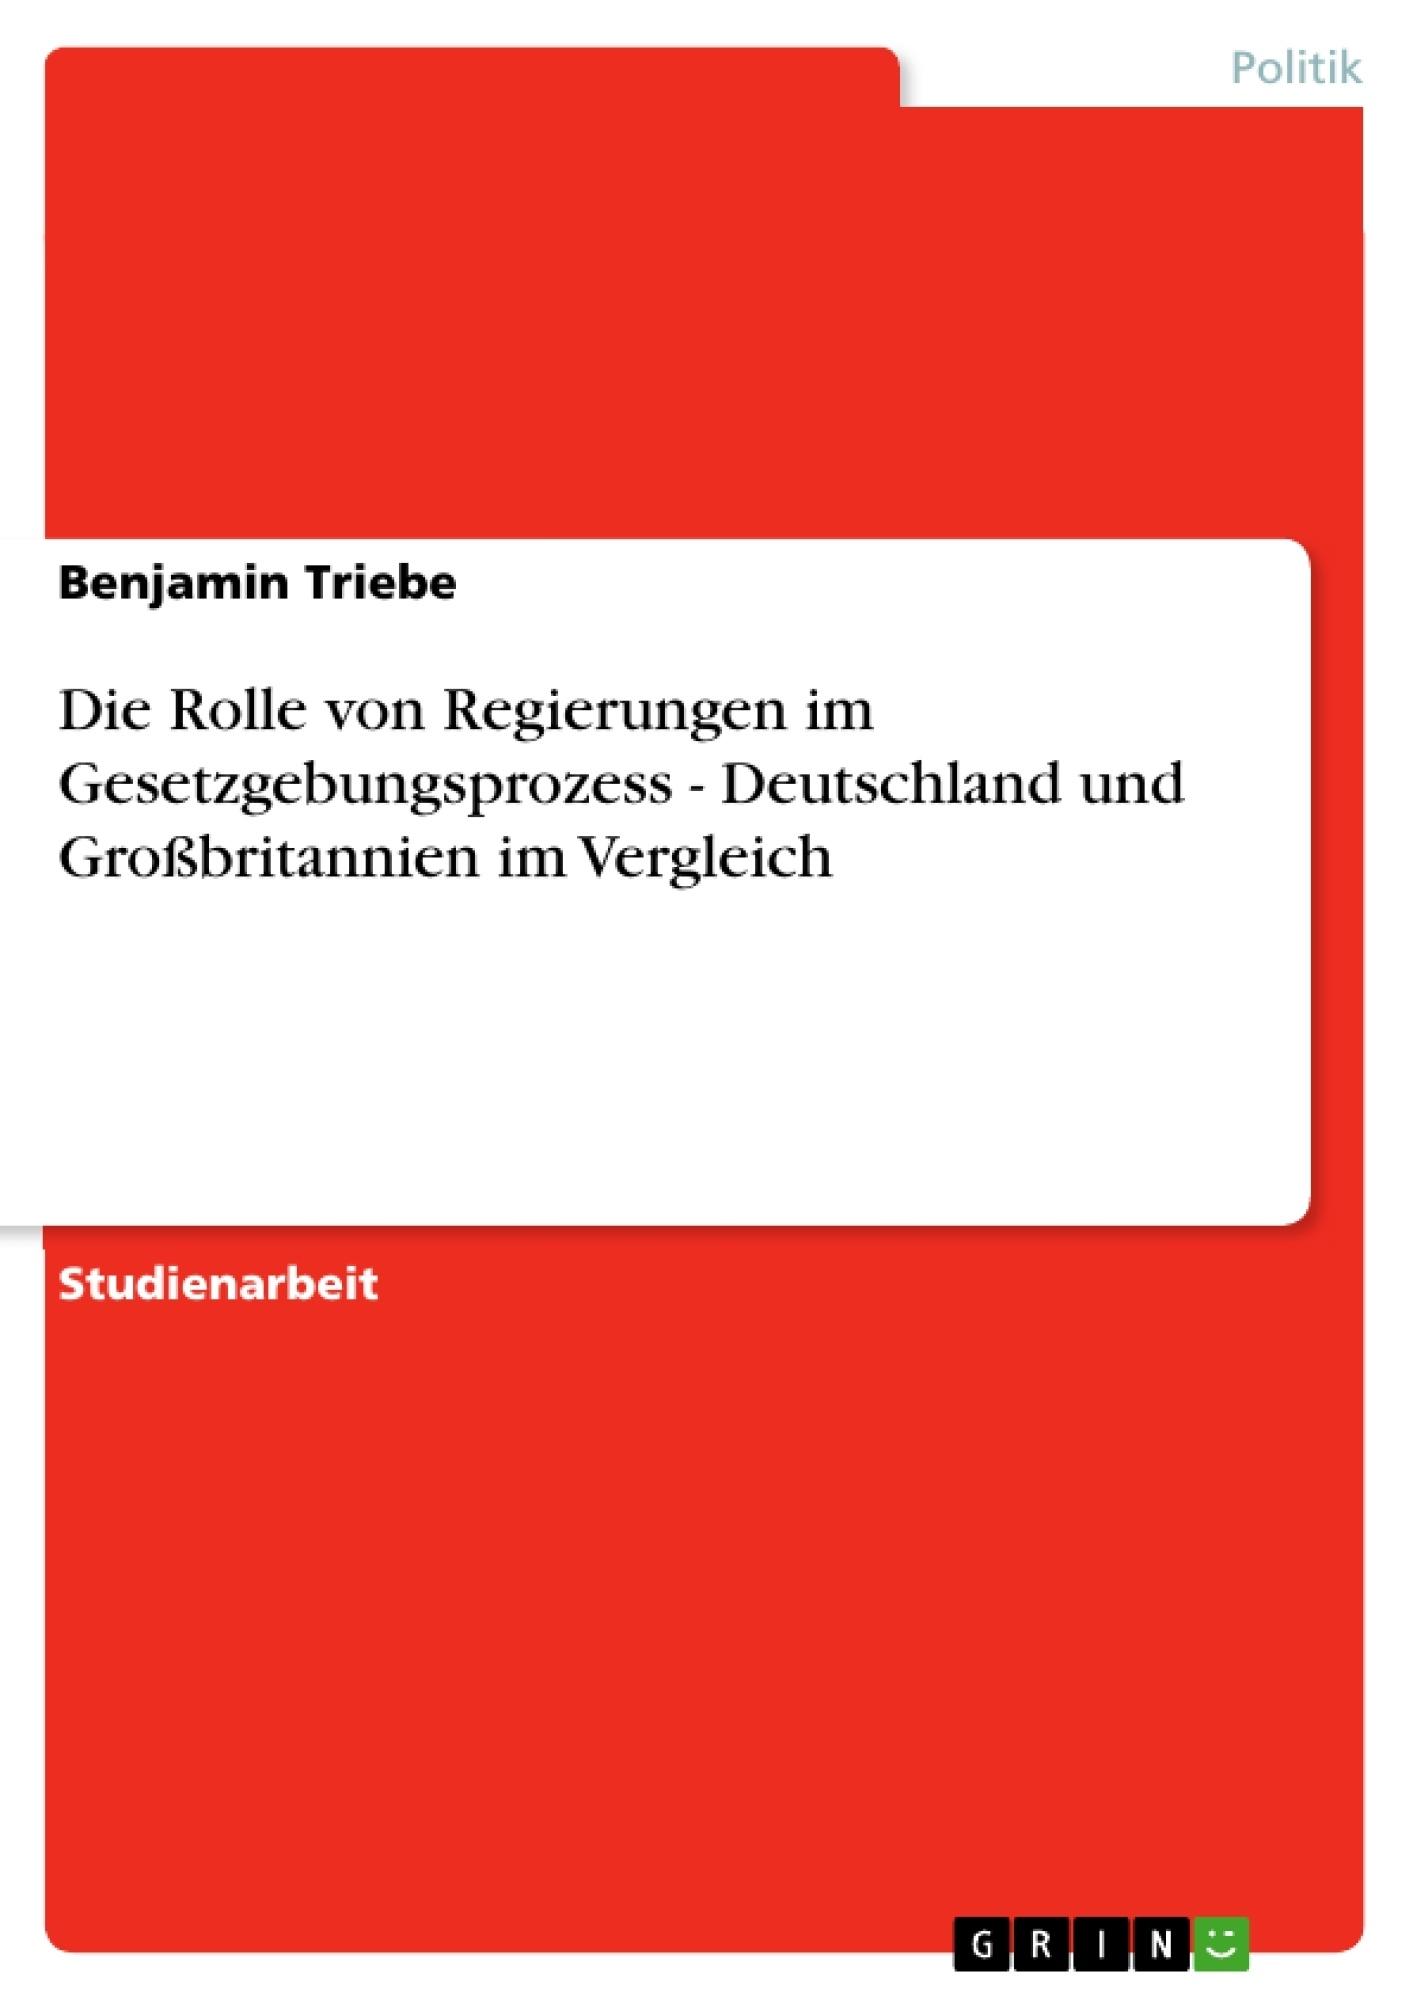 Titel: Die Rolle von Regierungen im Gesetzgebungsprozess - Deutschland und Großbritannien im Vergleich